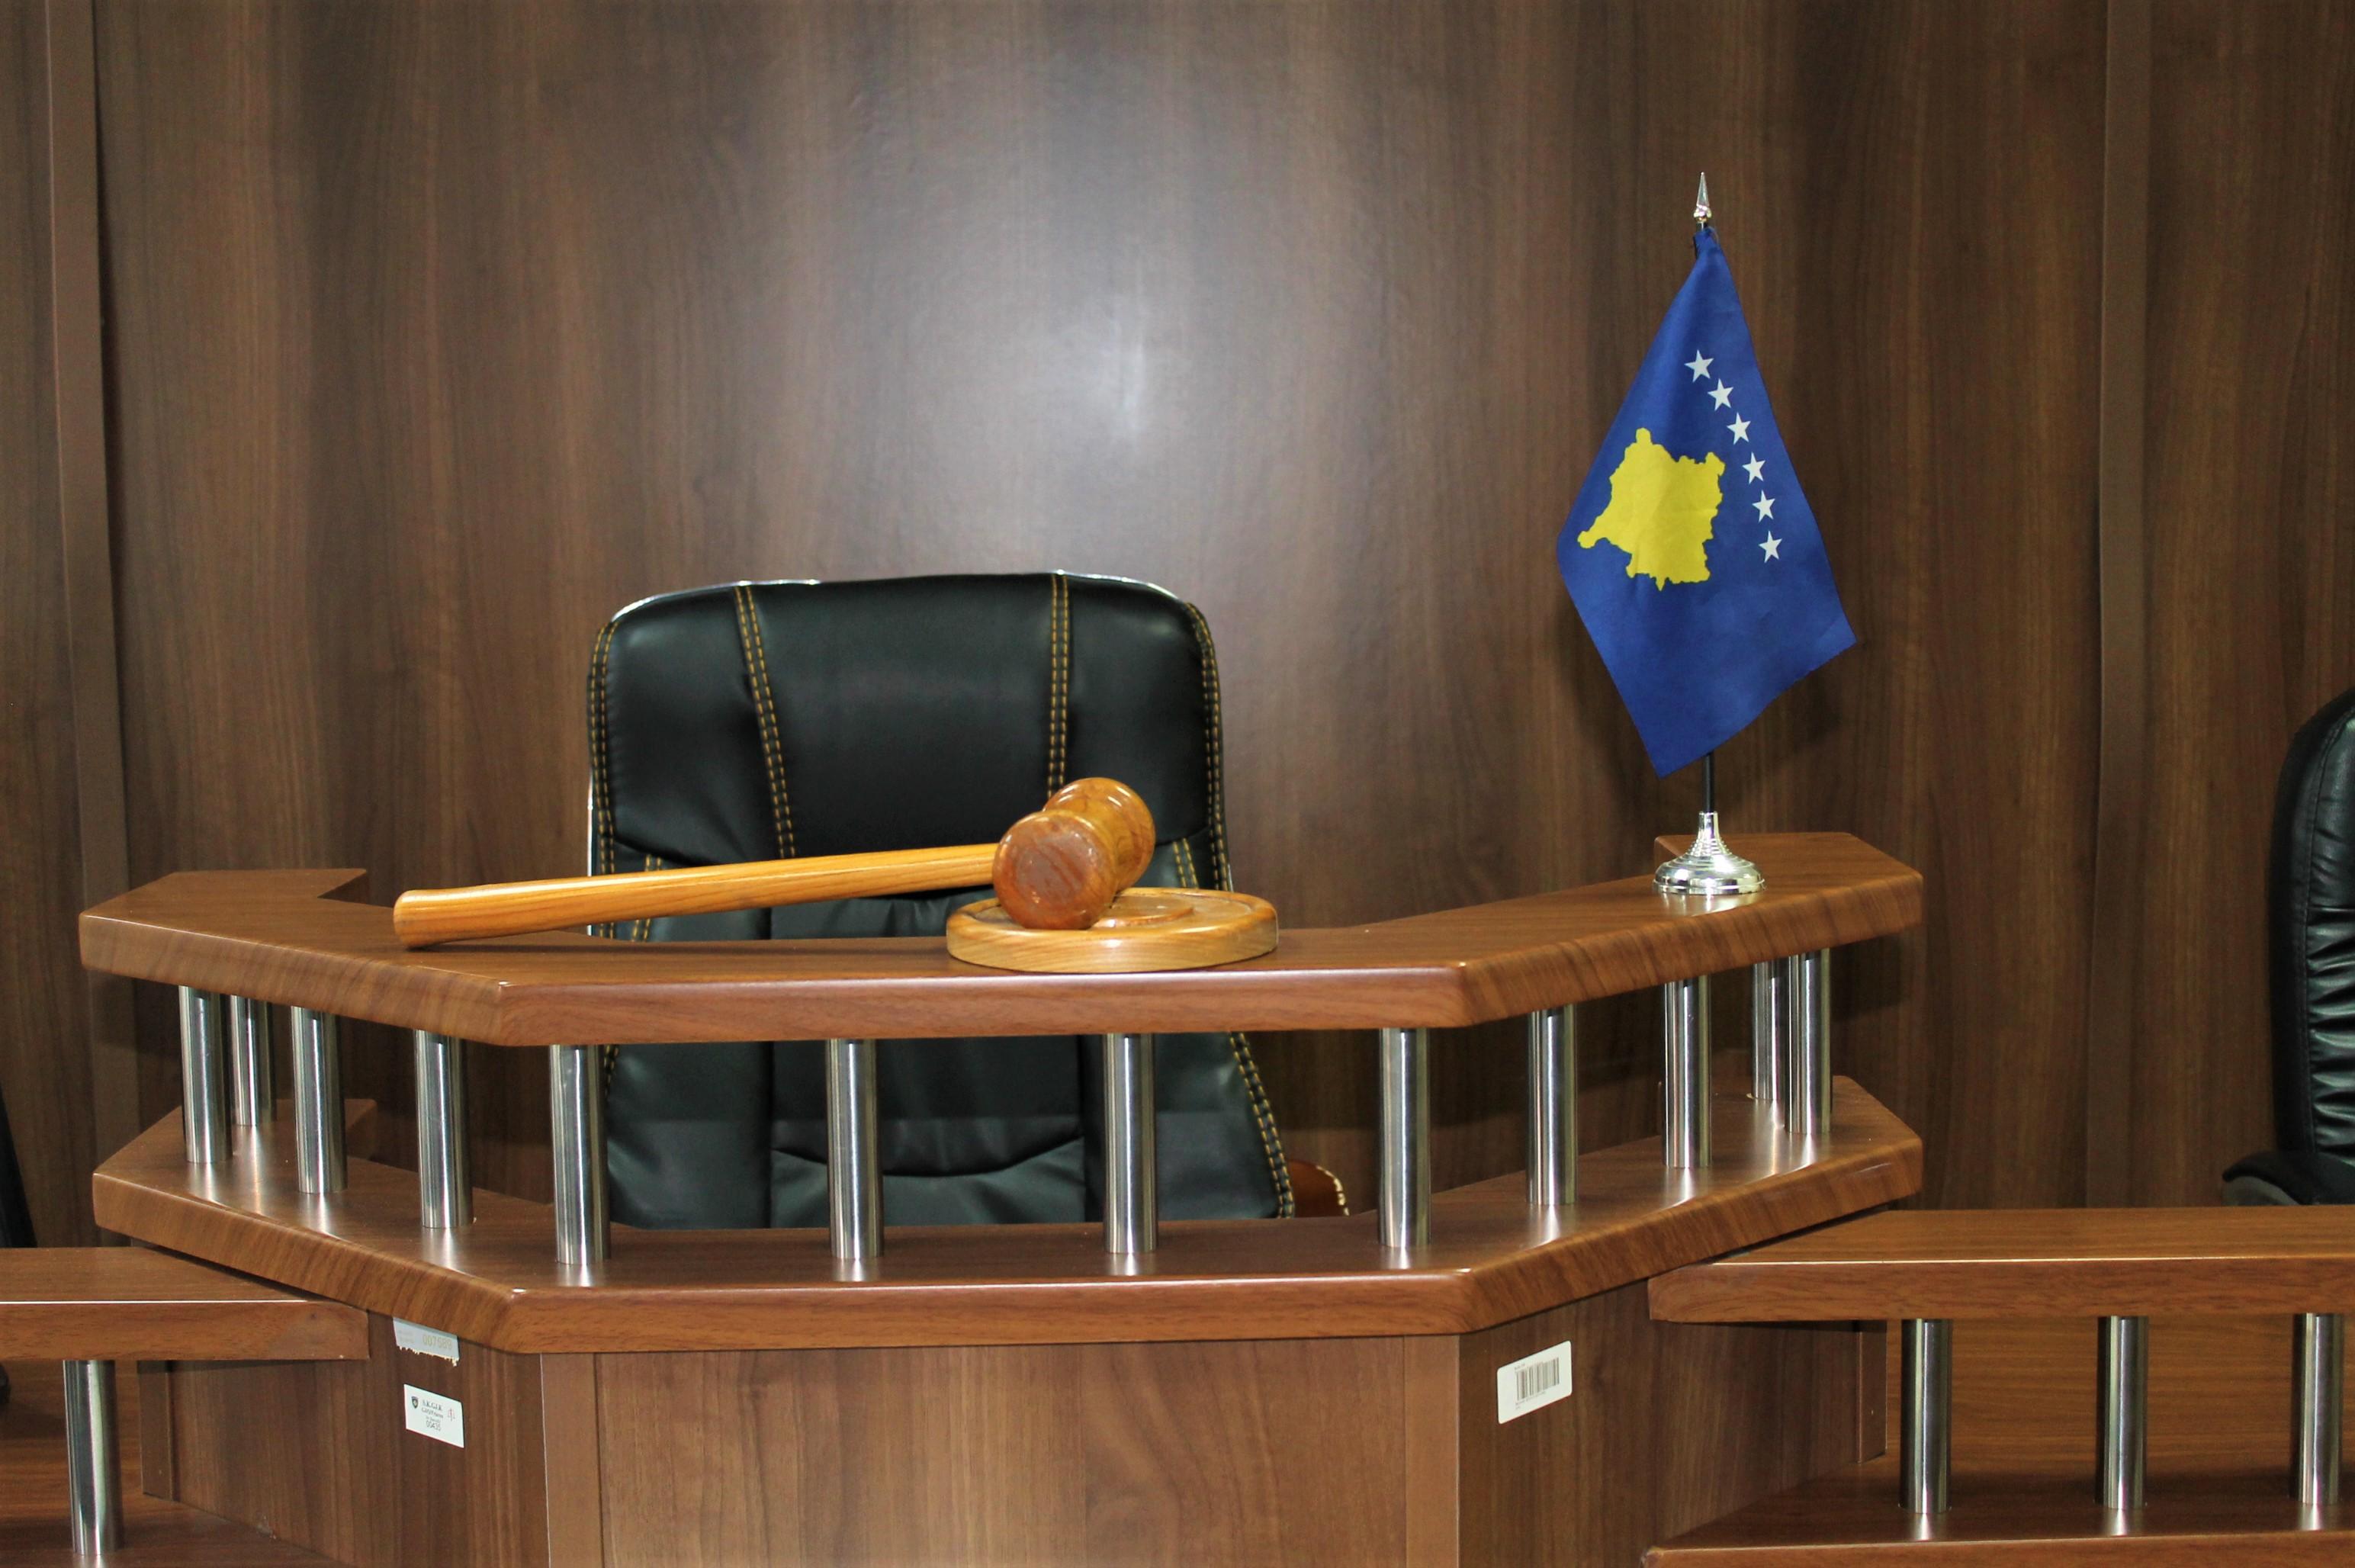 Gjykata shpall aktgjykim dënues ndaj tre  (3) të akuzuarve për veprën penale shkaktim i rrezikut të përgjithshëm